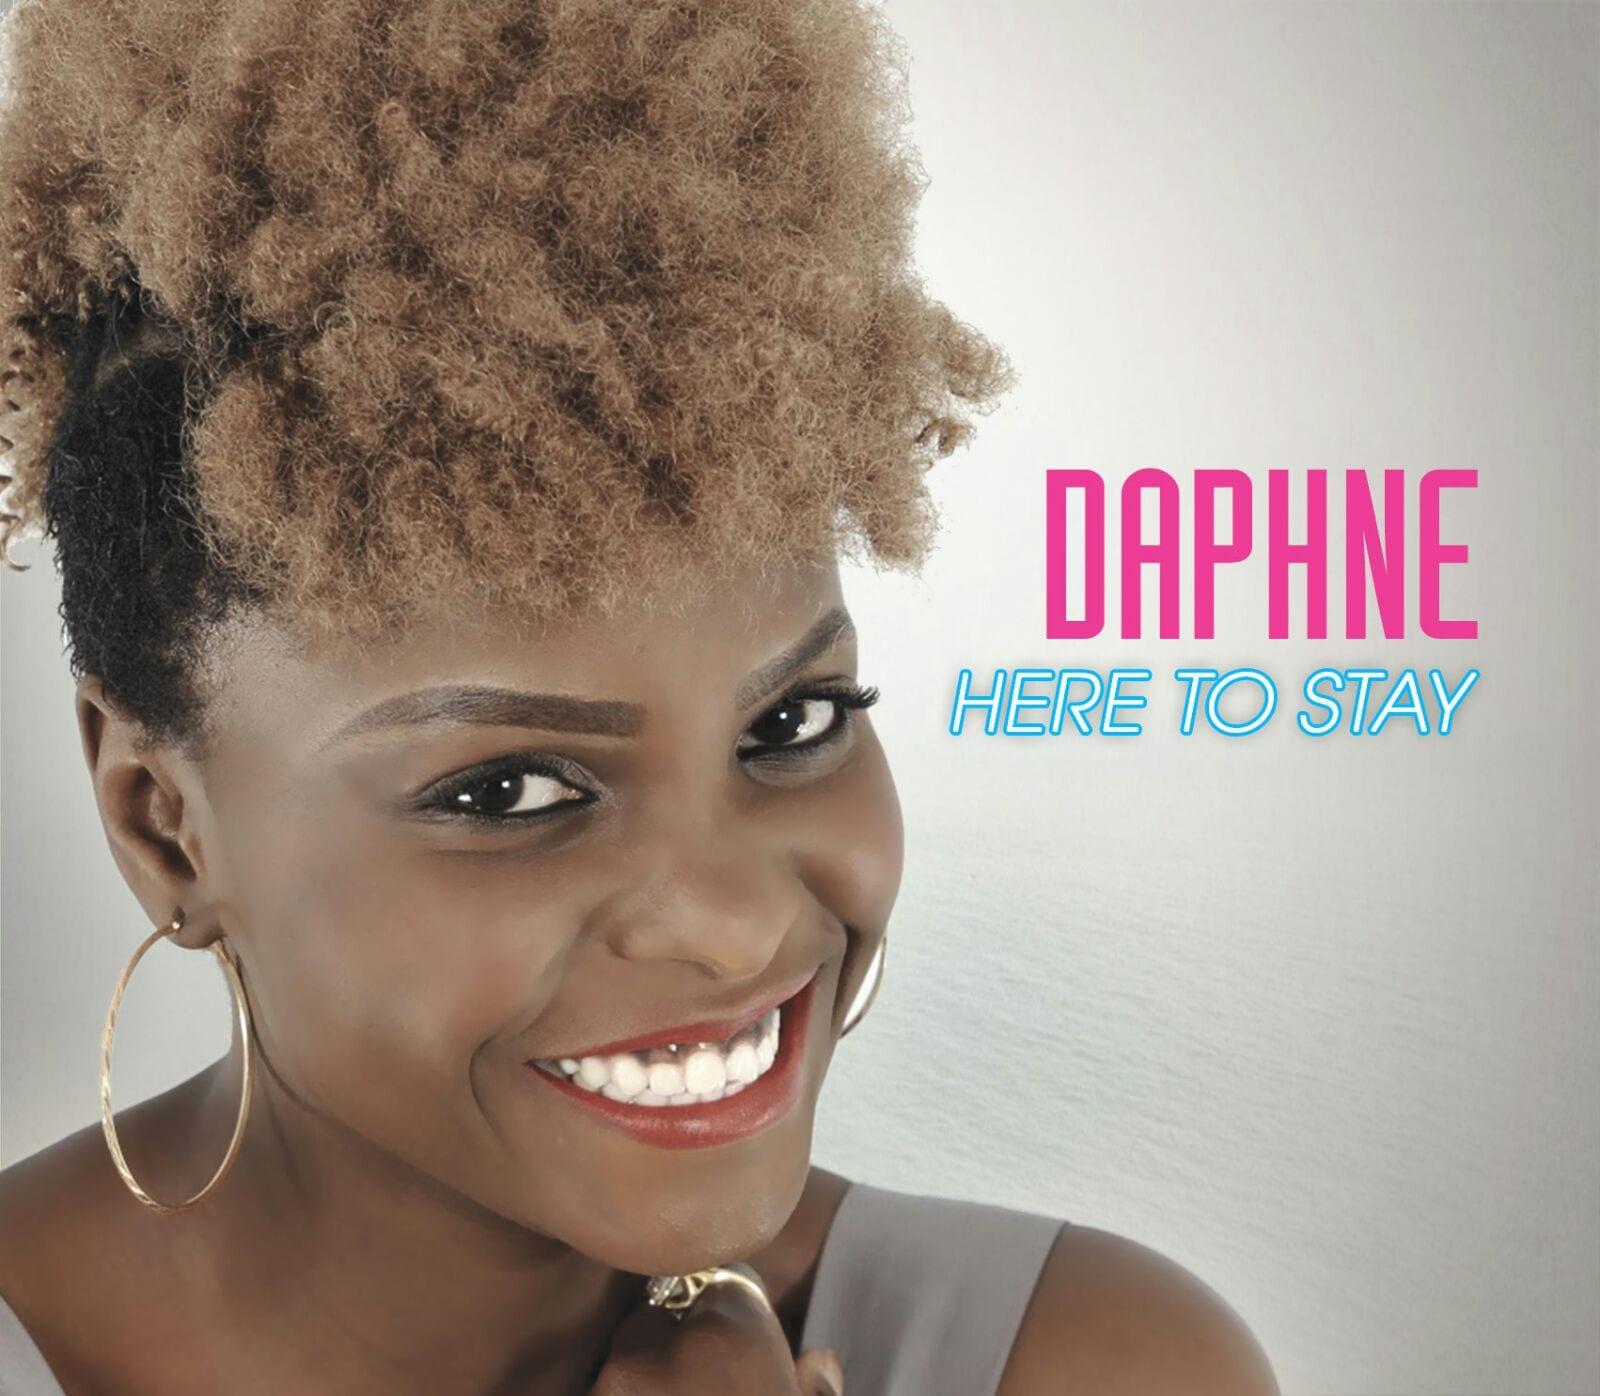 Elle fête 28 ans aujourd'hui, découvrez 10 choses que vous ignorez sur la chanteuse Daphné